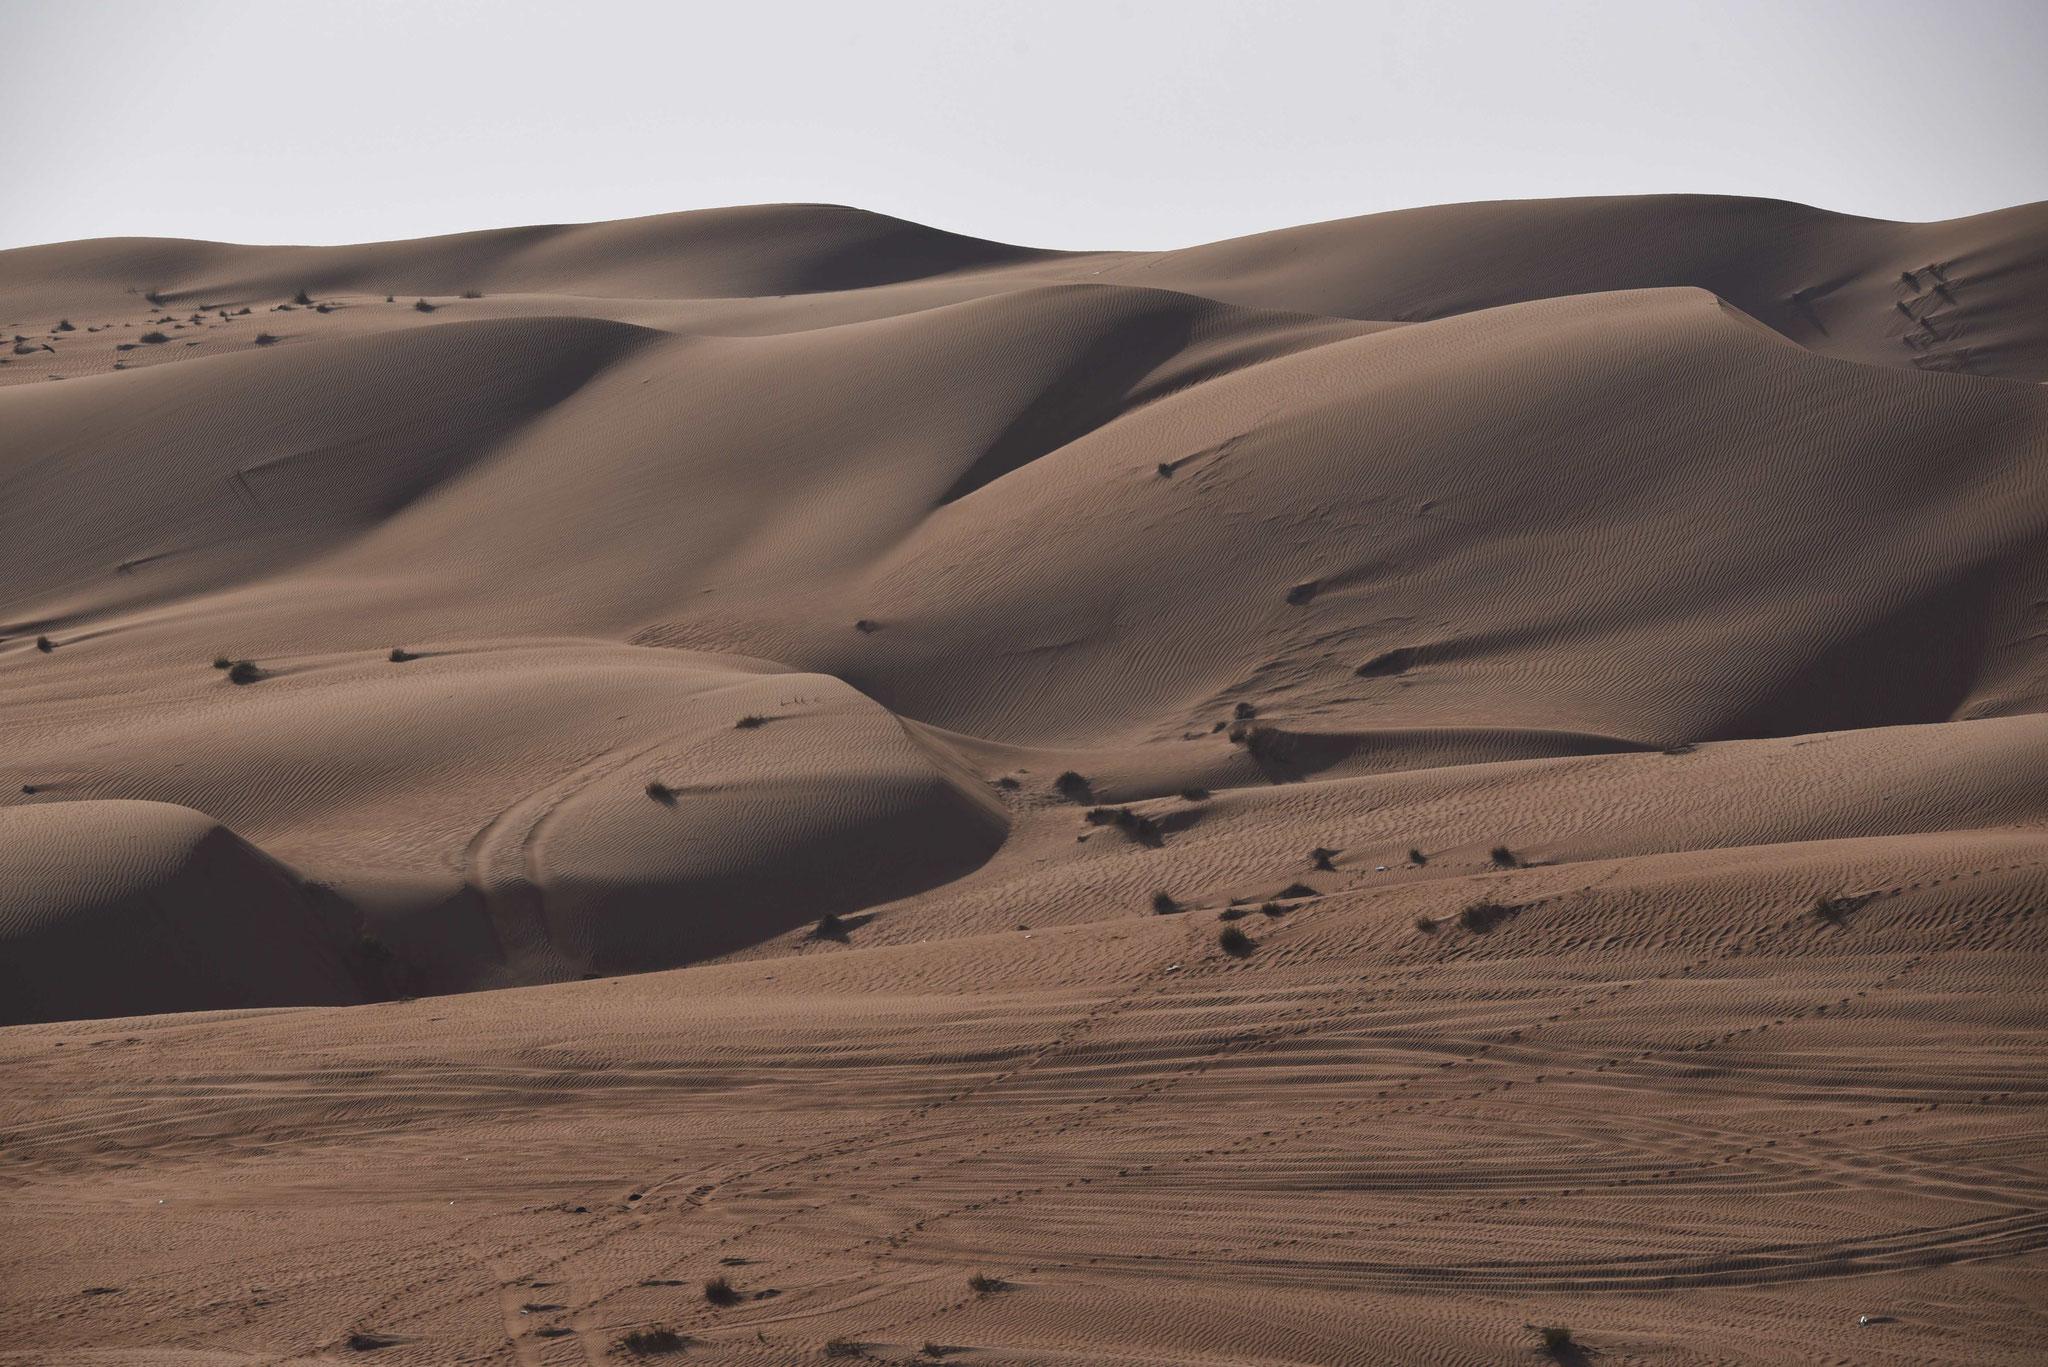 Sandünen IV